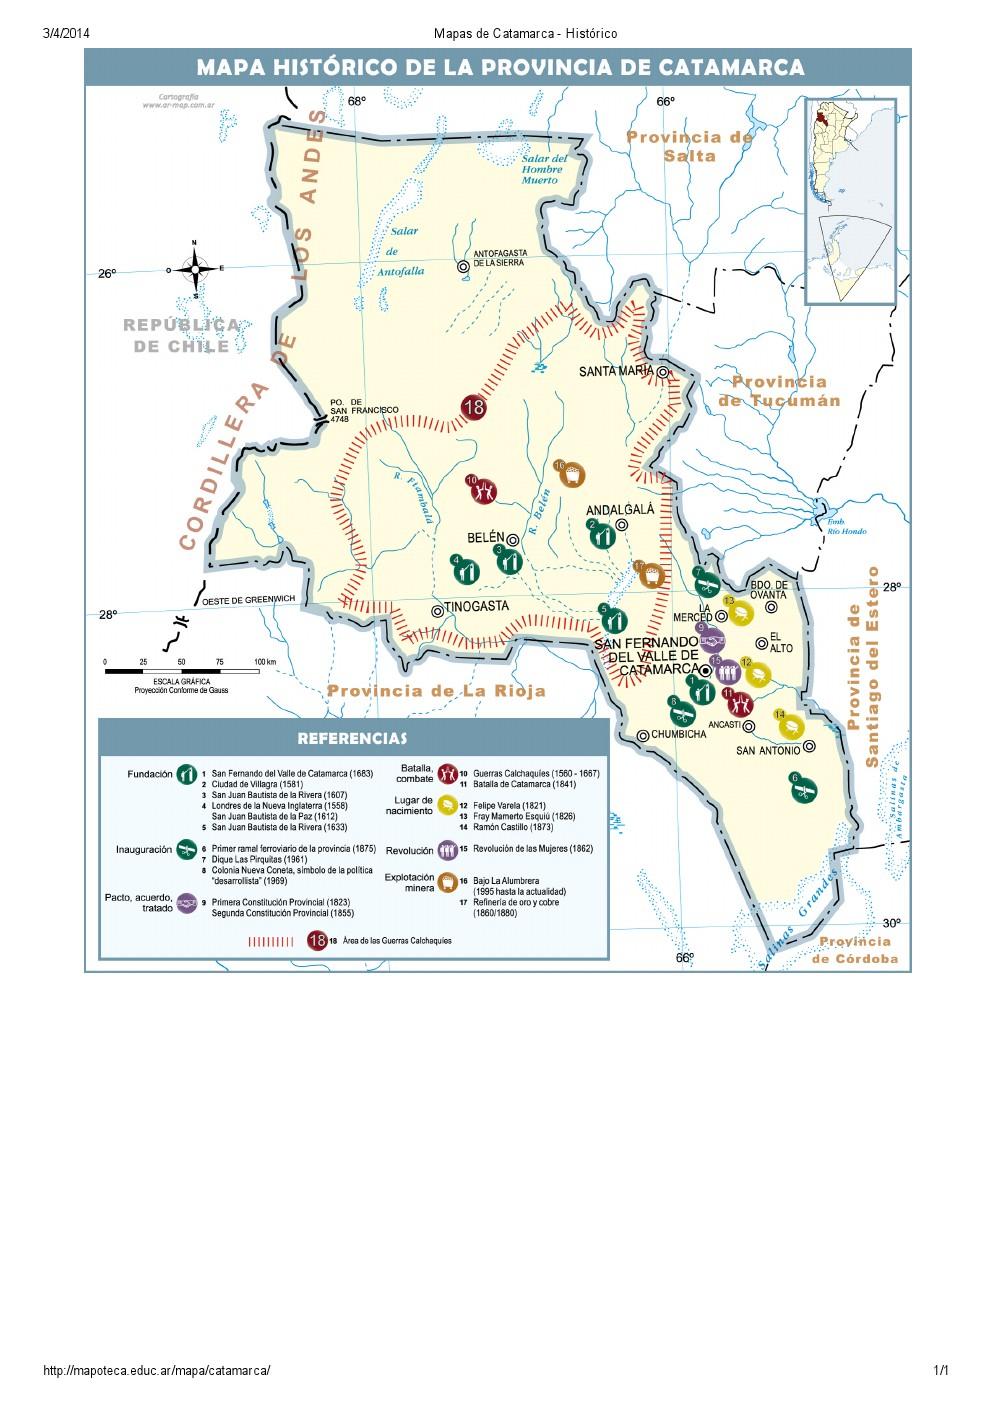 Mapa histórico de Catamarca. Mapoteca de Educ.ar